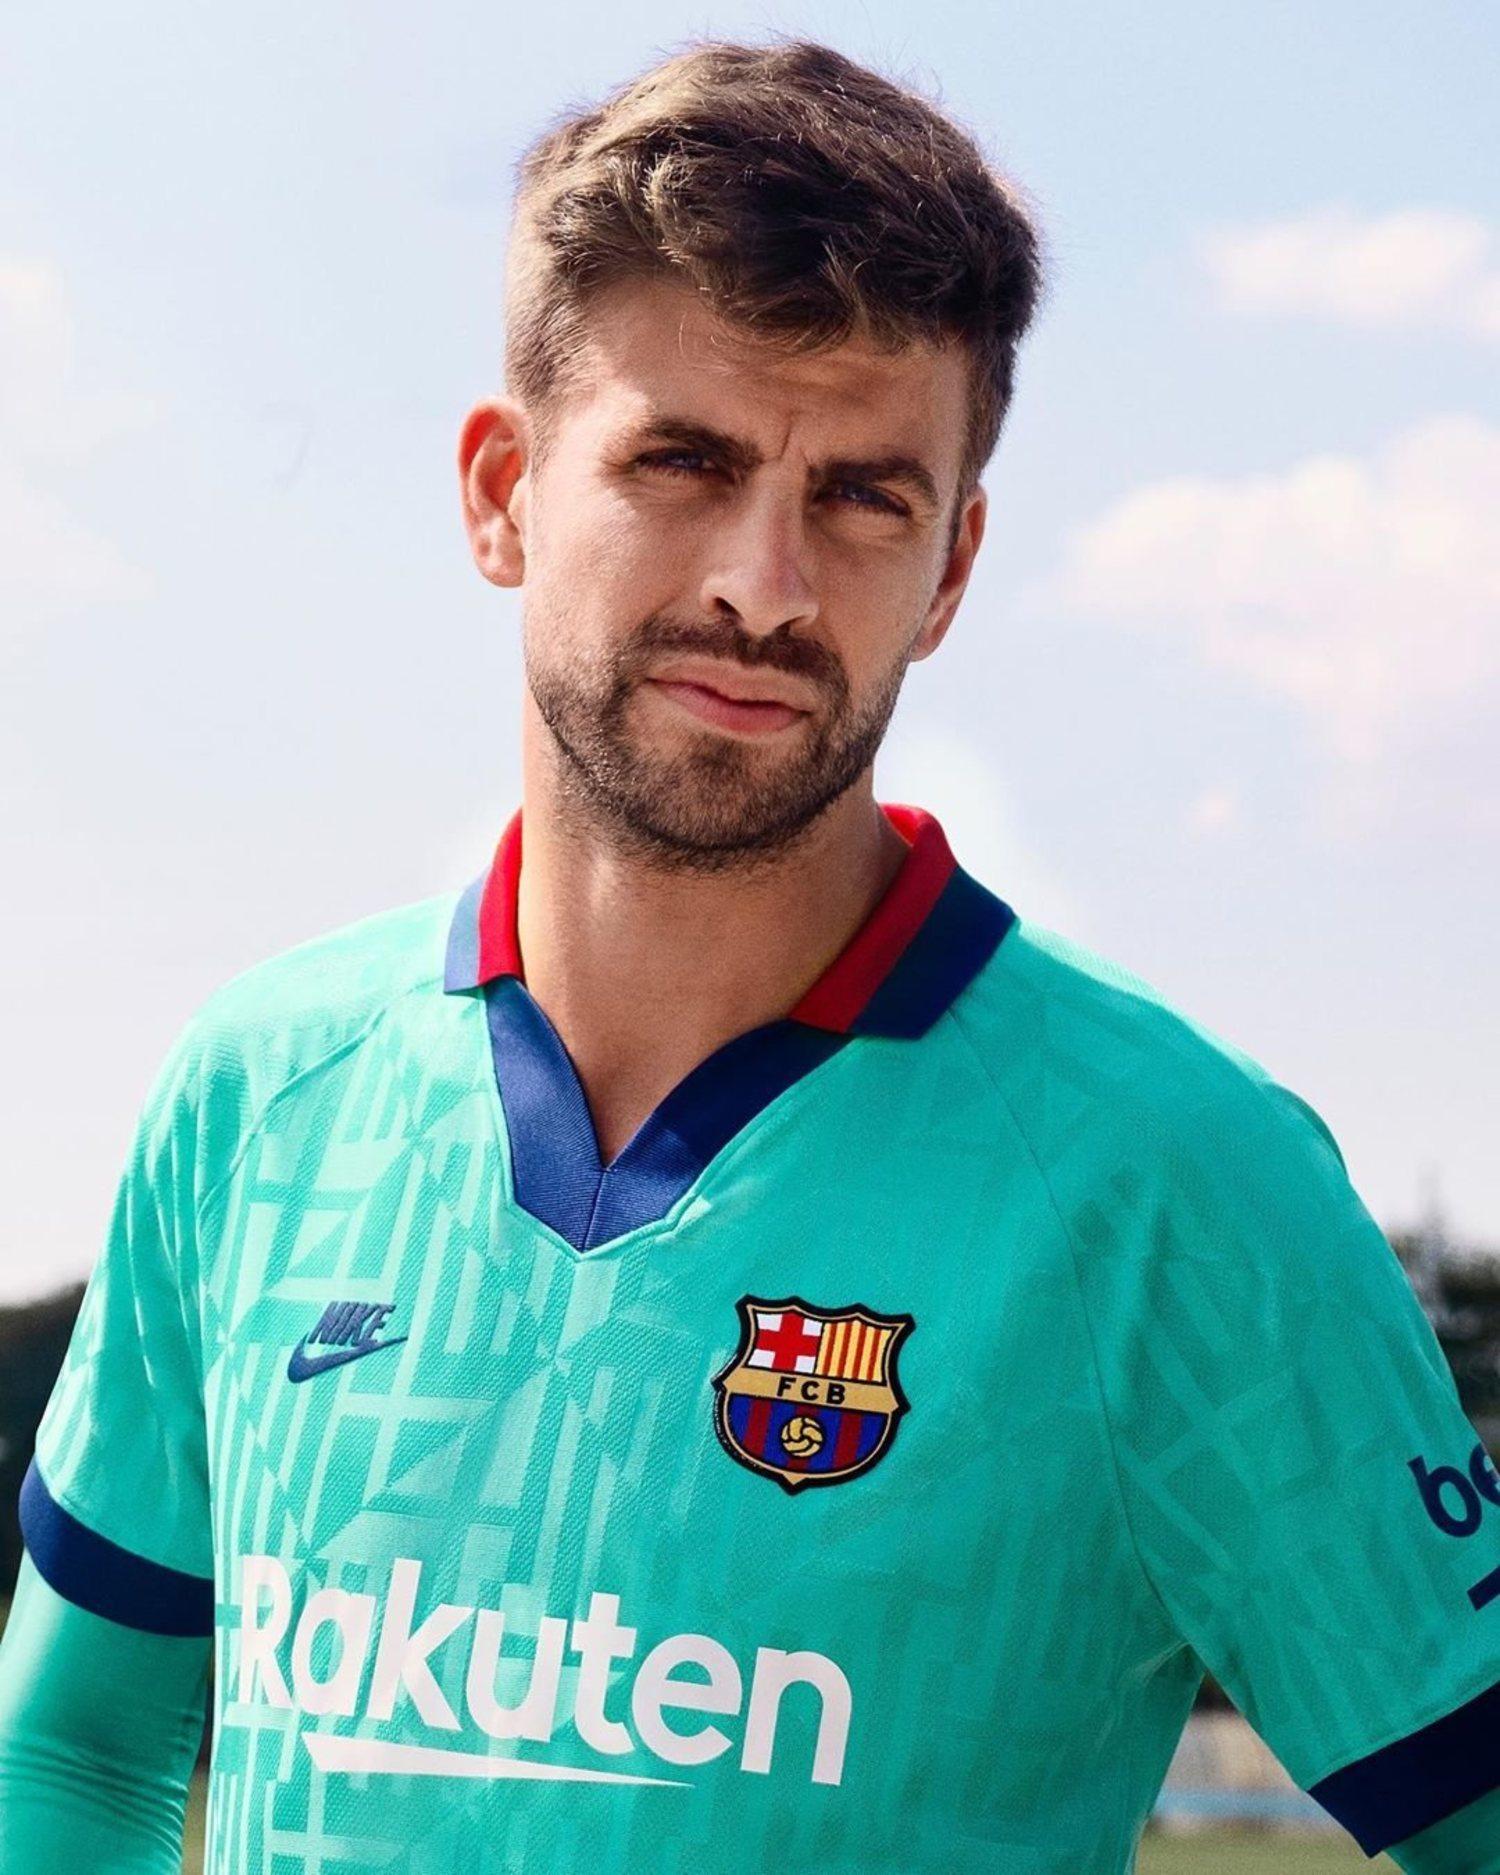 Piqué es uno de los grandes artífices del acuerdo entre el Barça y Rakuten.